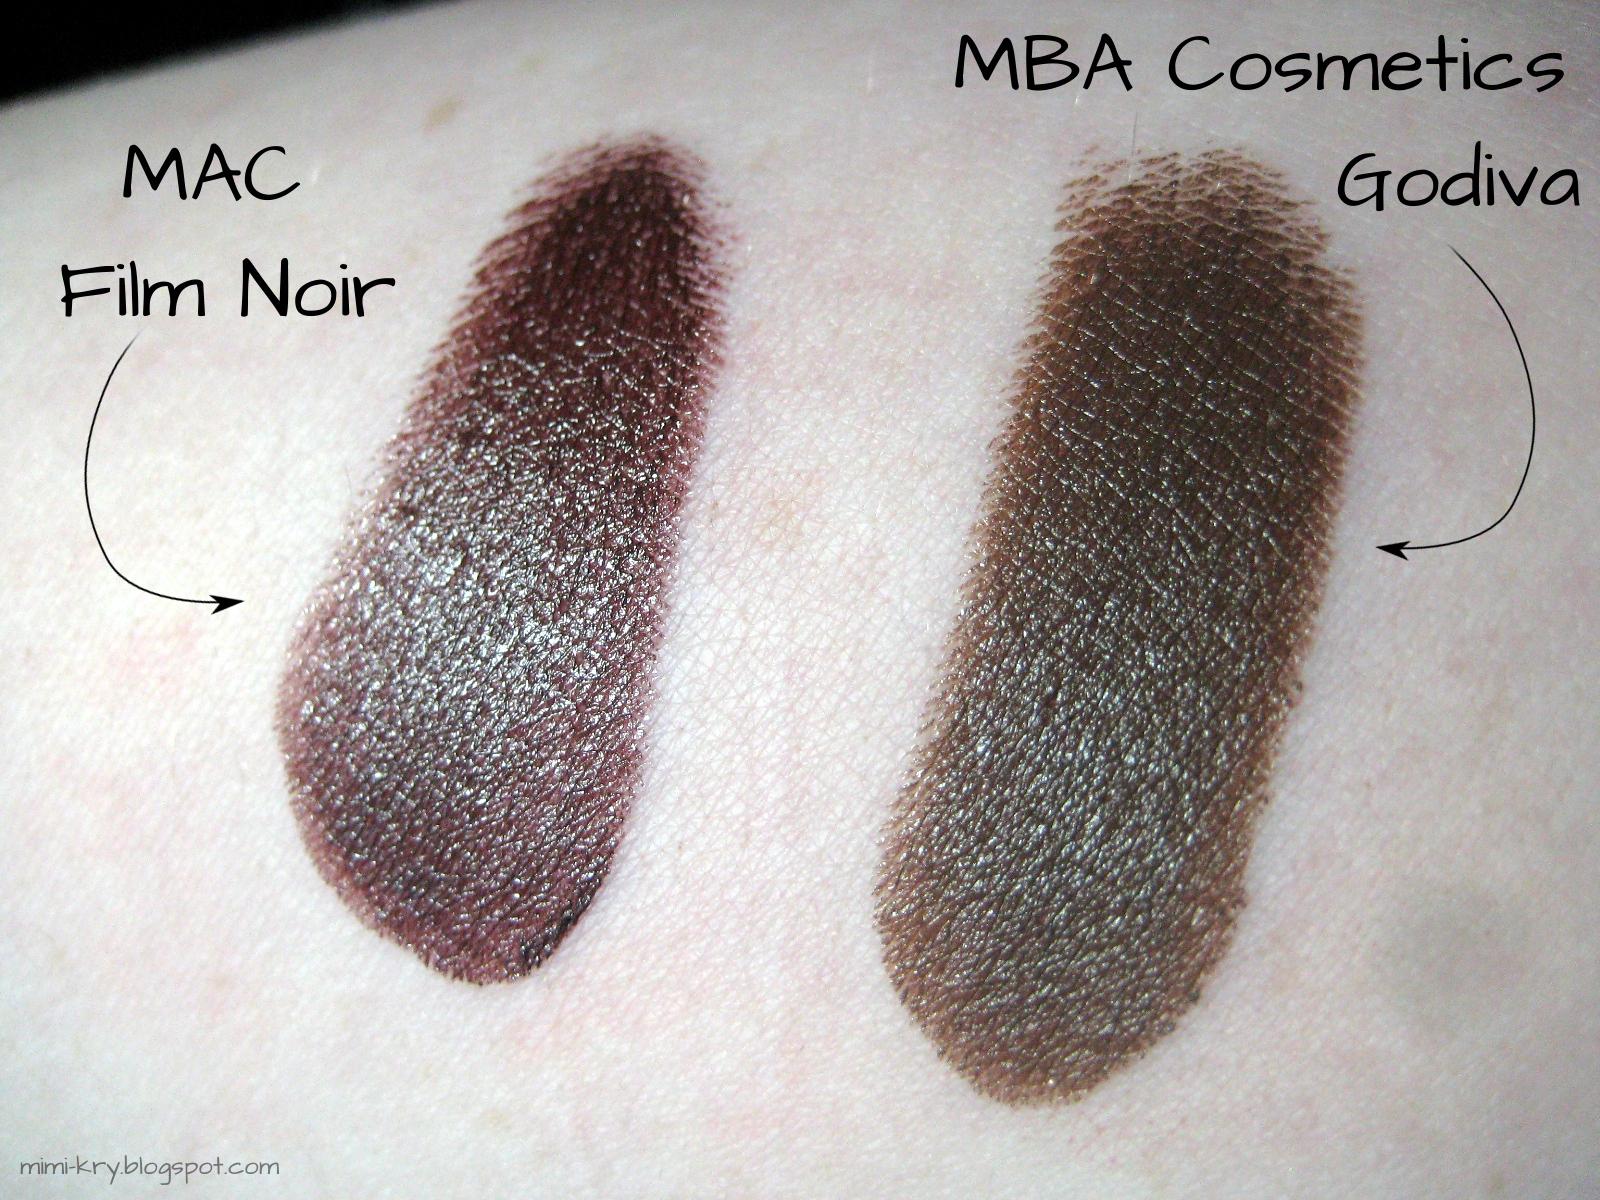 """Vergleich MAC """"Film Noir"""" und MBA Cosmetics """"Godiva"""""""